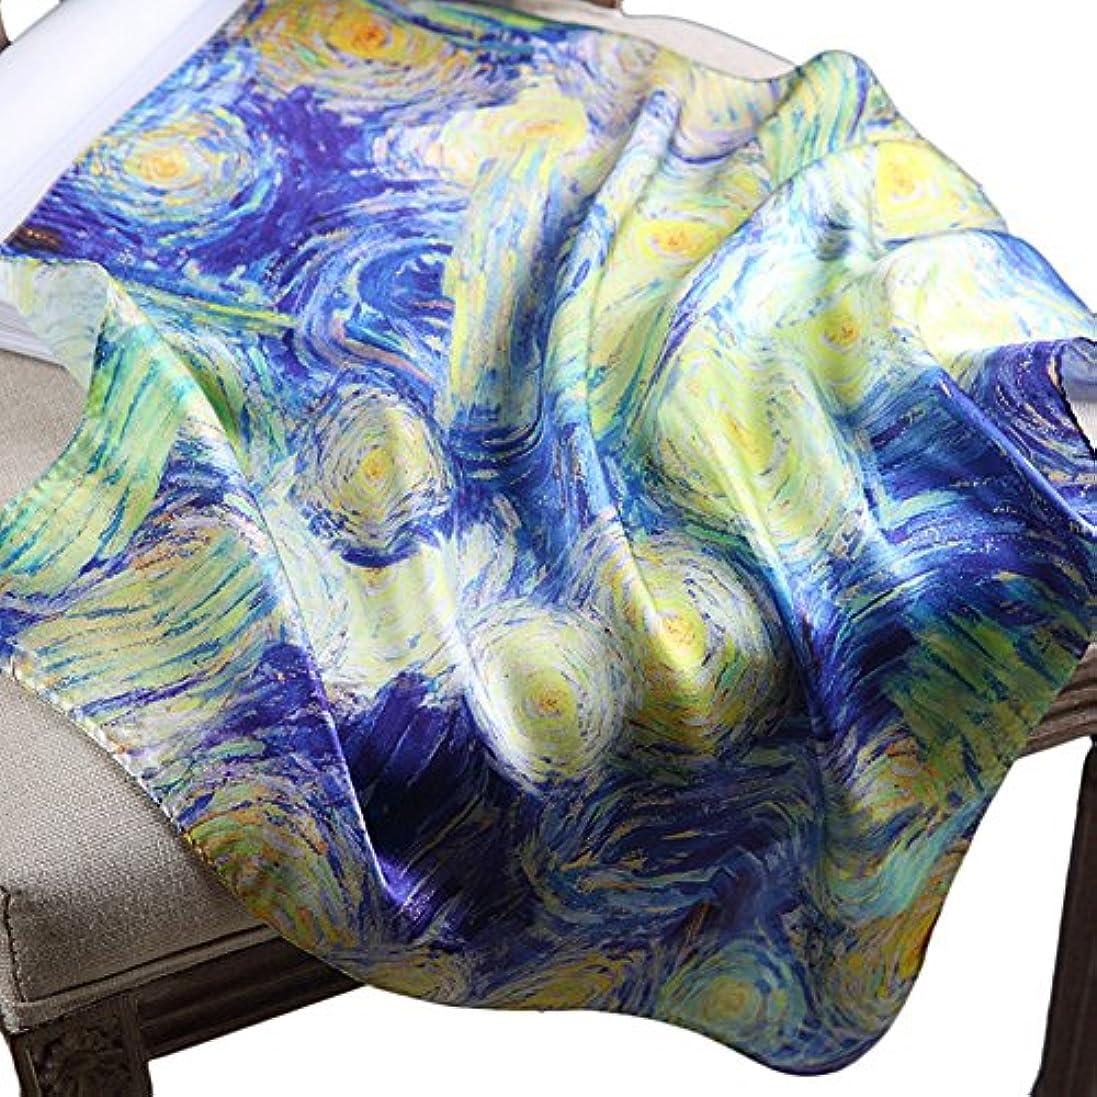 フランクワースリー厄介なハードリング[スゴフィ]SGFY レディース スカーフ シルク 風 調 スカーフ 50cm 角正方形 大判正方形 スカーフ 贈り物 ギフト 母の日 プレゼント ネッカチーフ オフィススカーフ (C14)